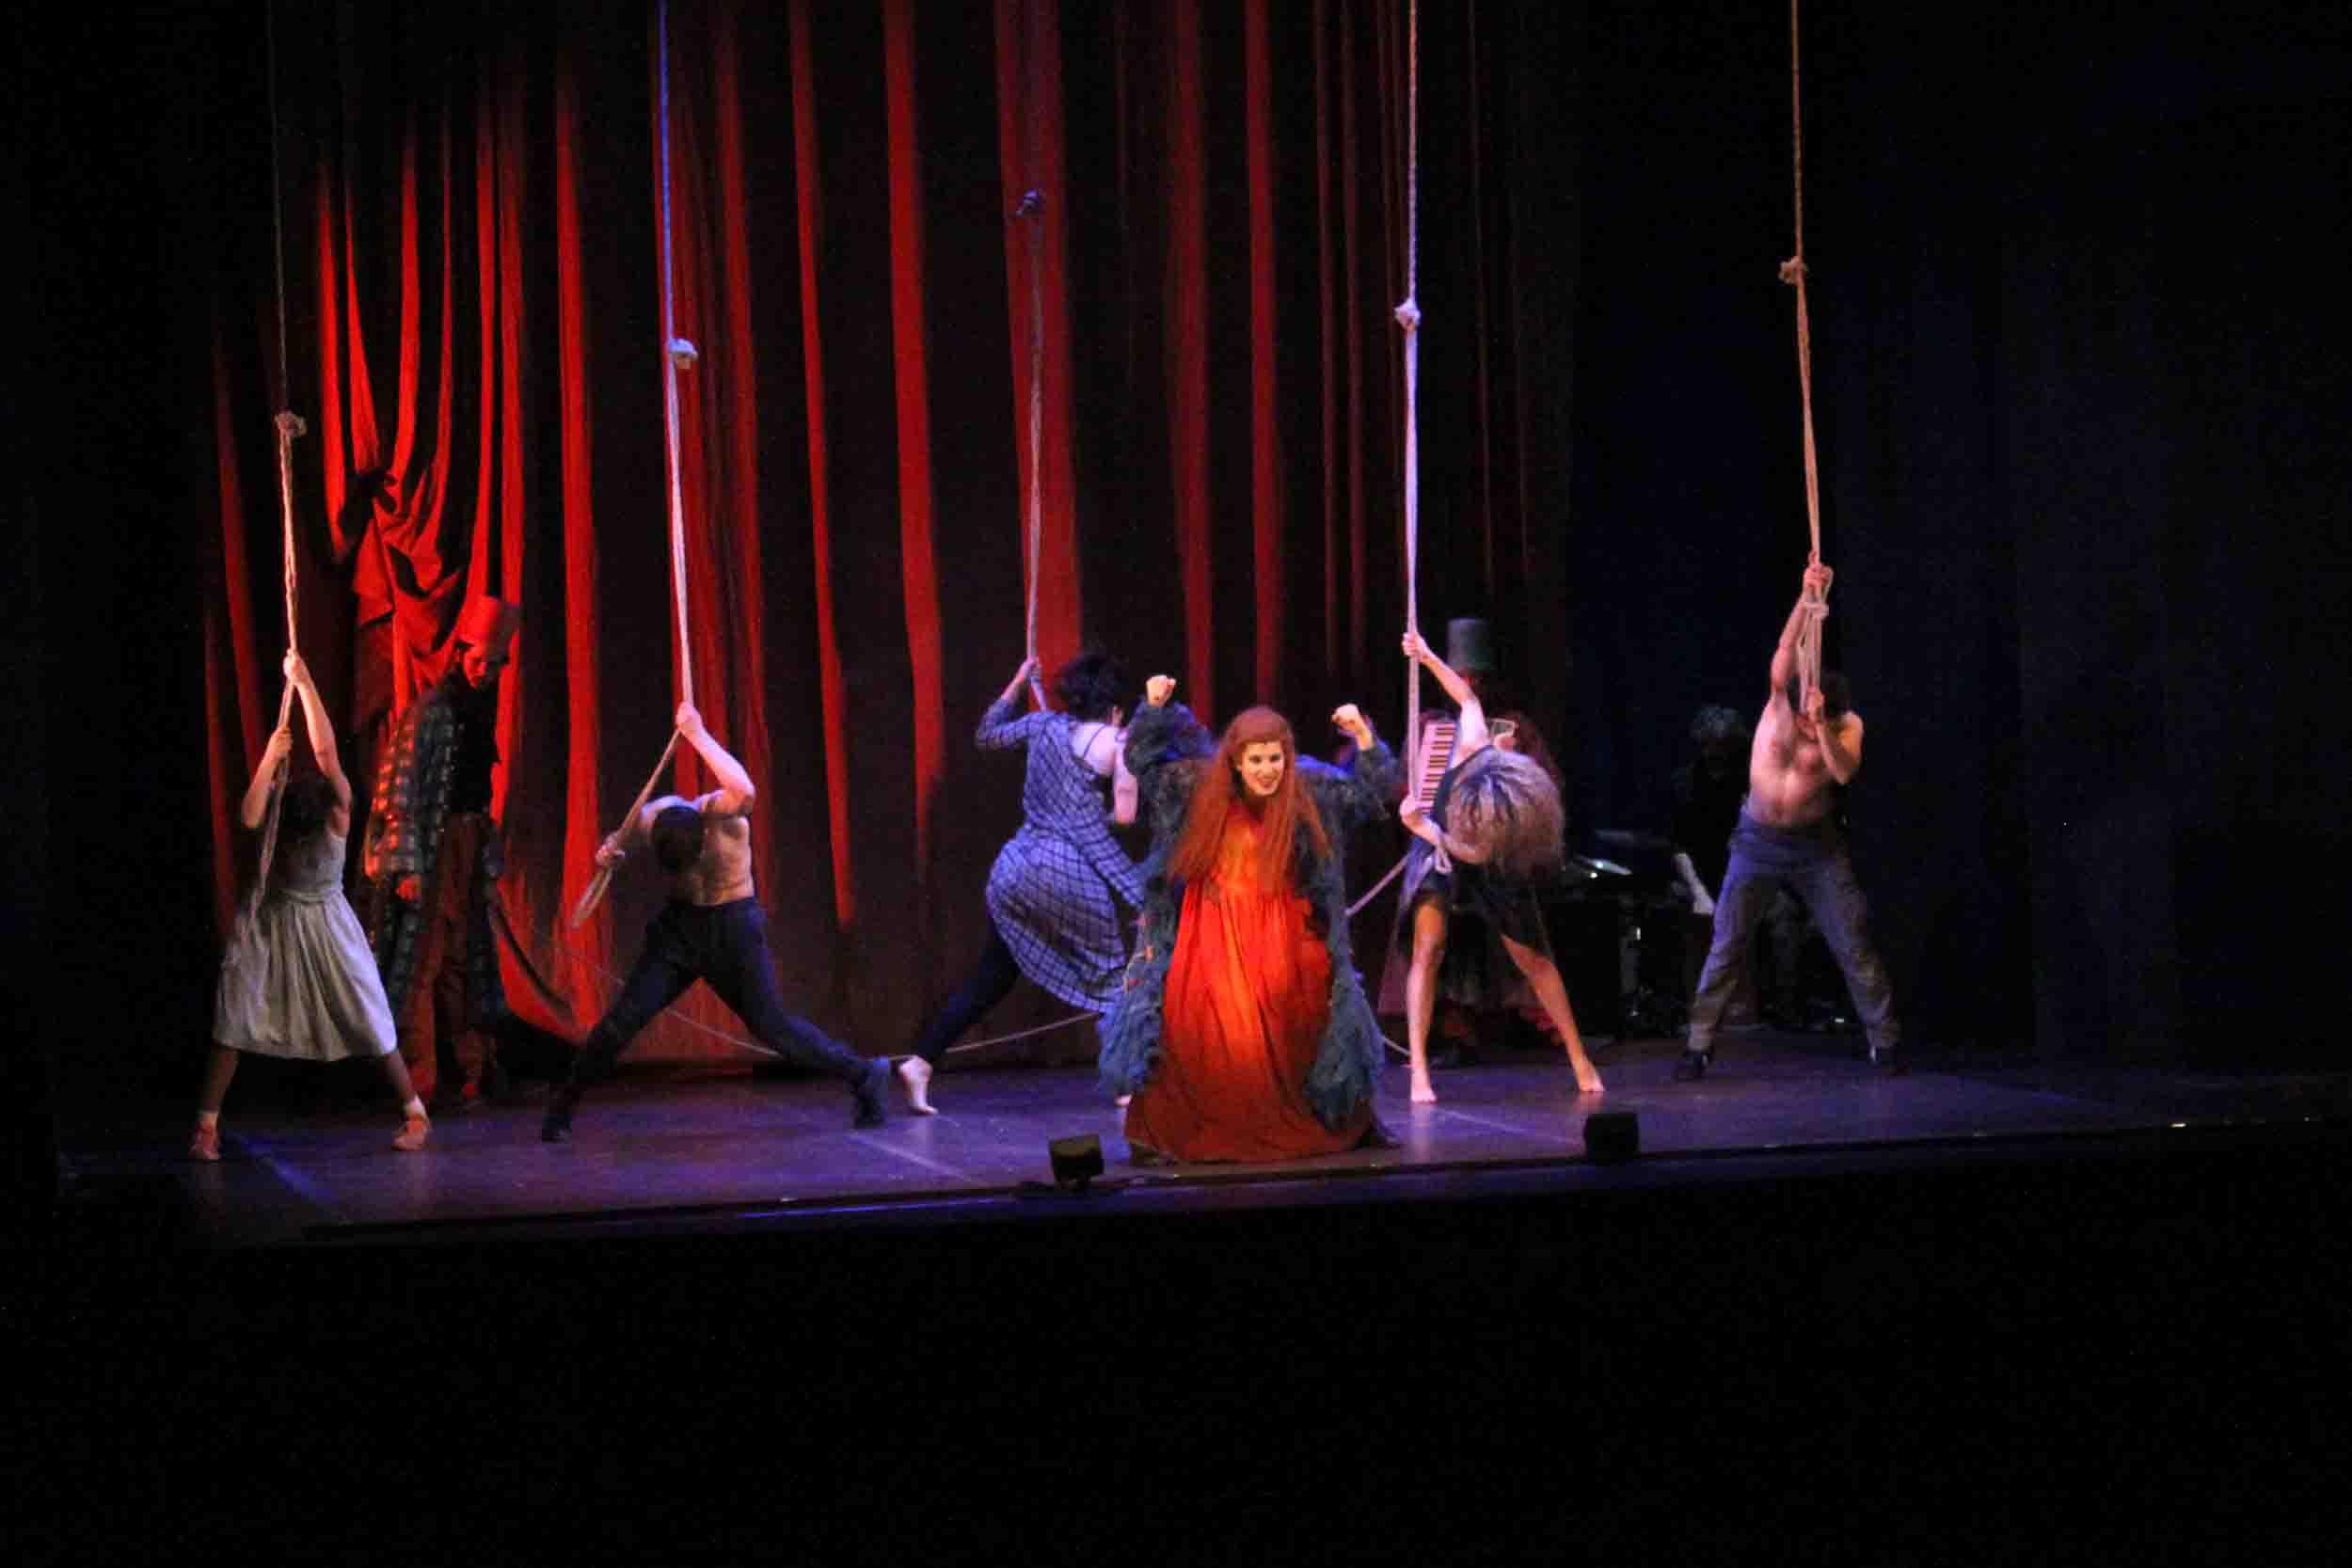 La Temporada de Teatre de Tàrrega augmenta l'assistència de públic amb una mitjana d'ocupació del 62% per espectacle